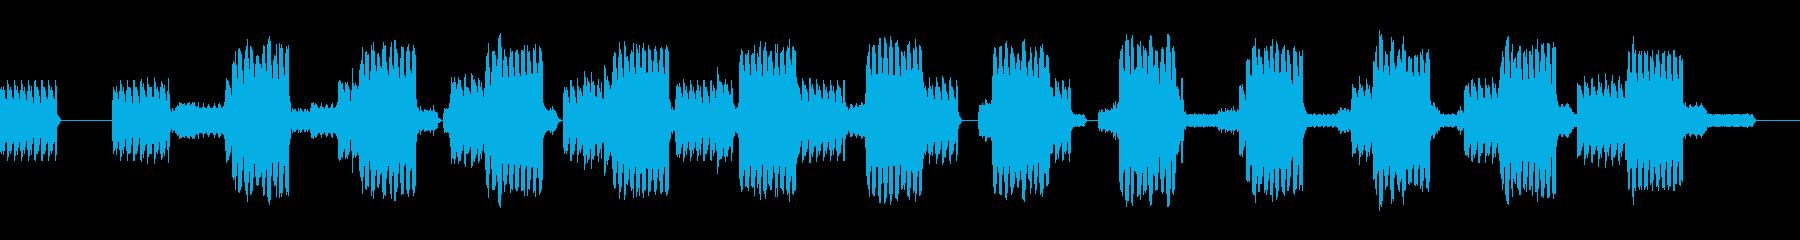 電話殺到(同時に数台の電話が鳴ります)の再生済みの波形